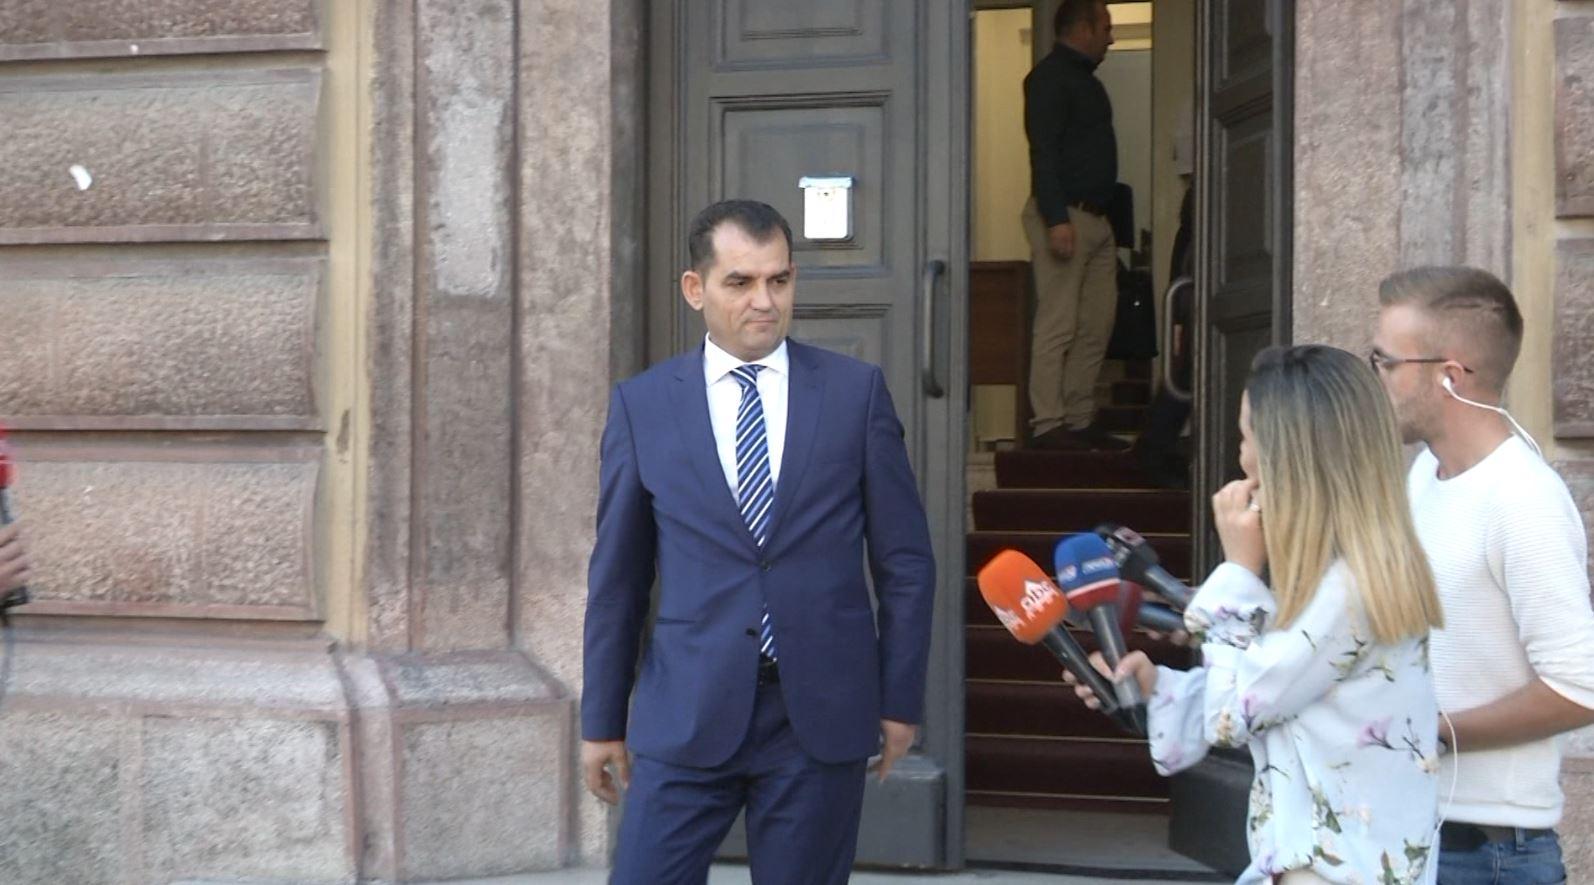 E FUNDIT/ U shkarkua nga KPA, Meta fton Besnik Muçin në Presidencë